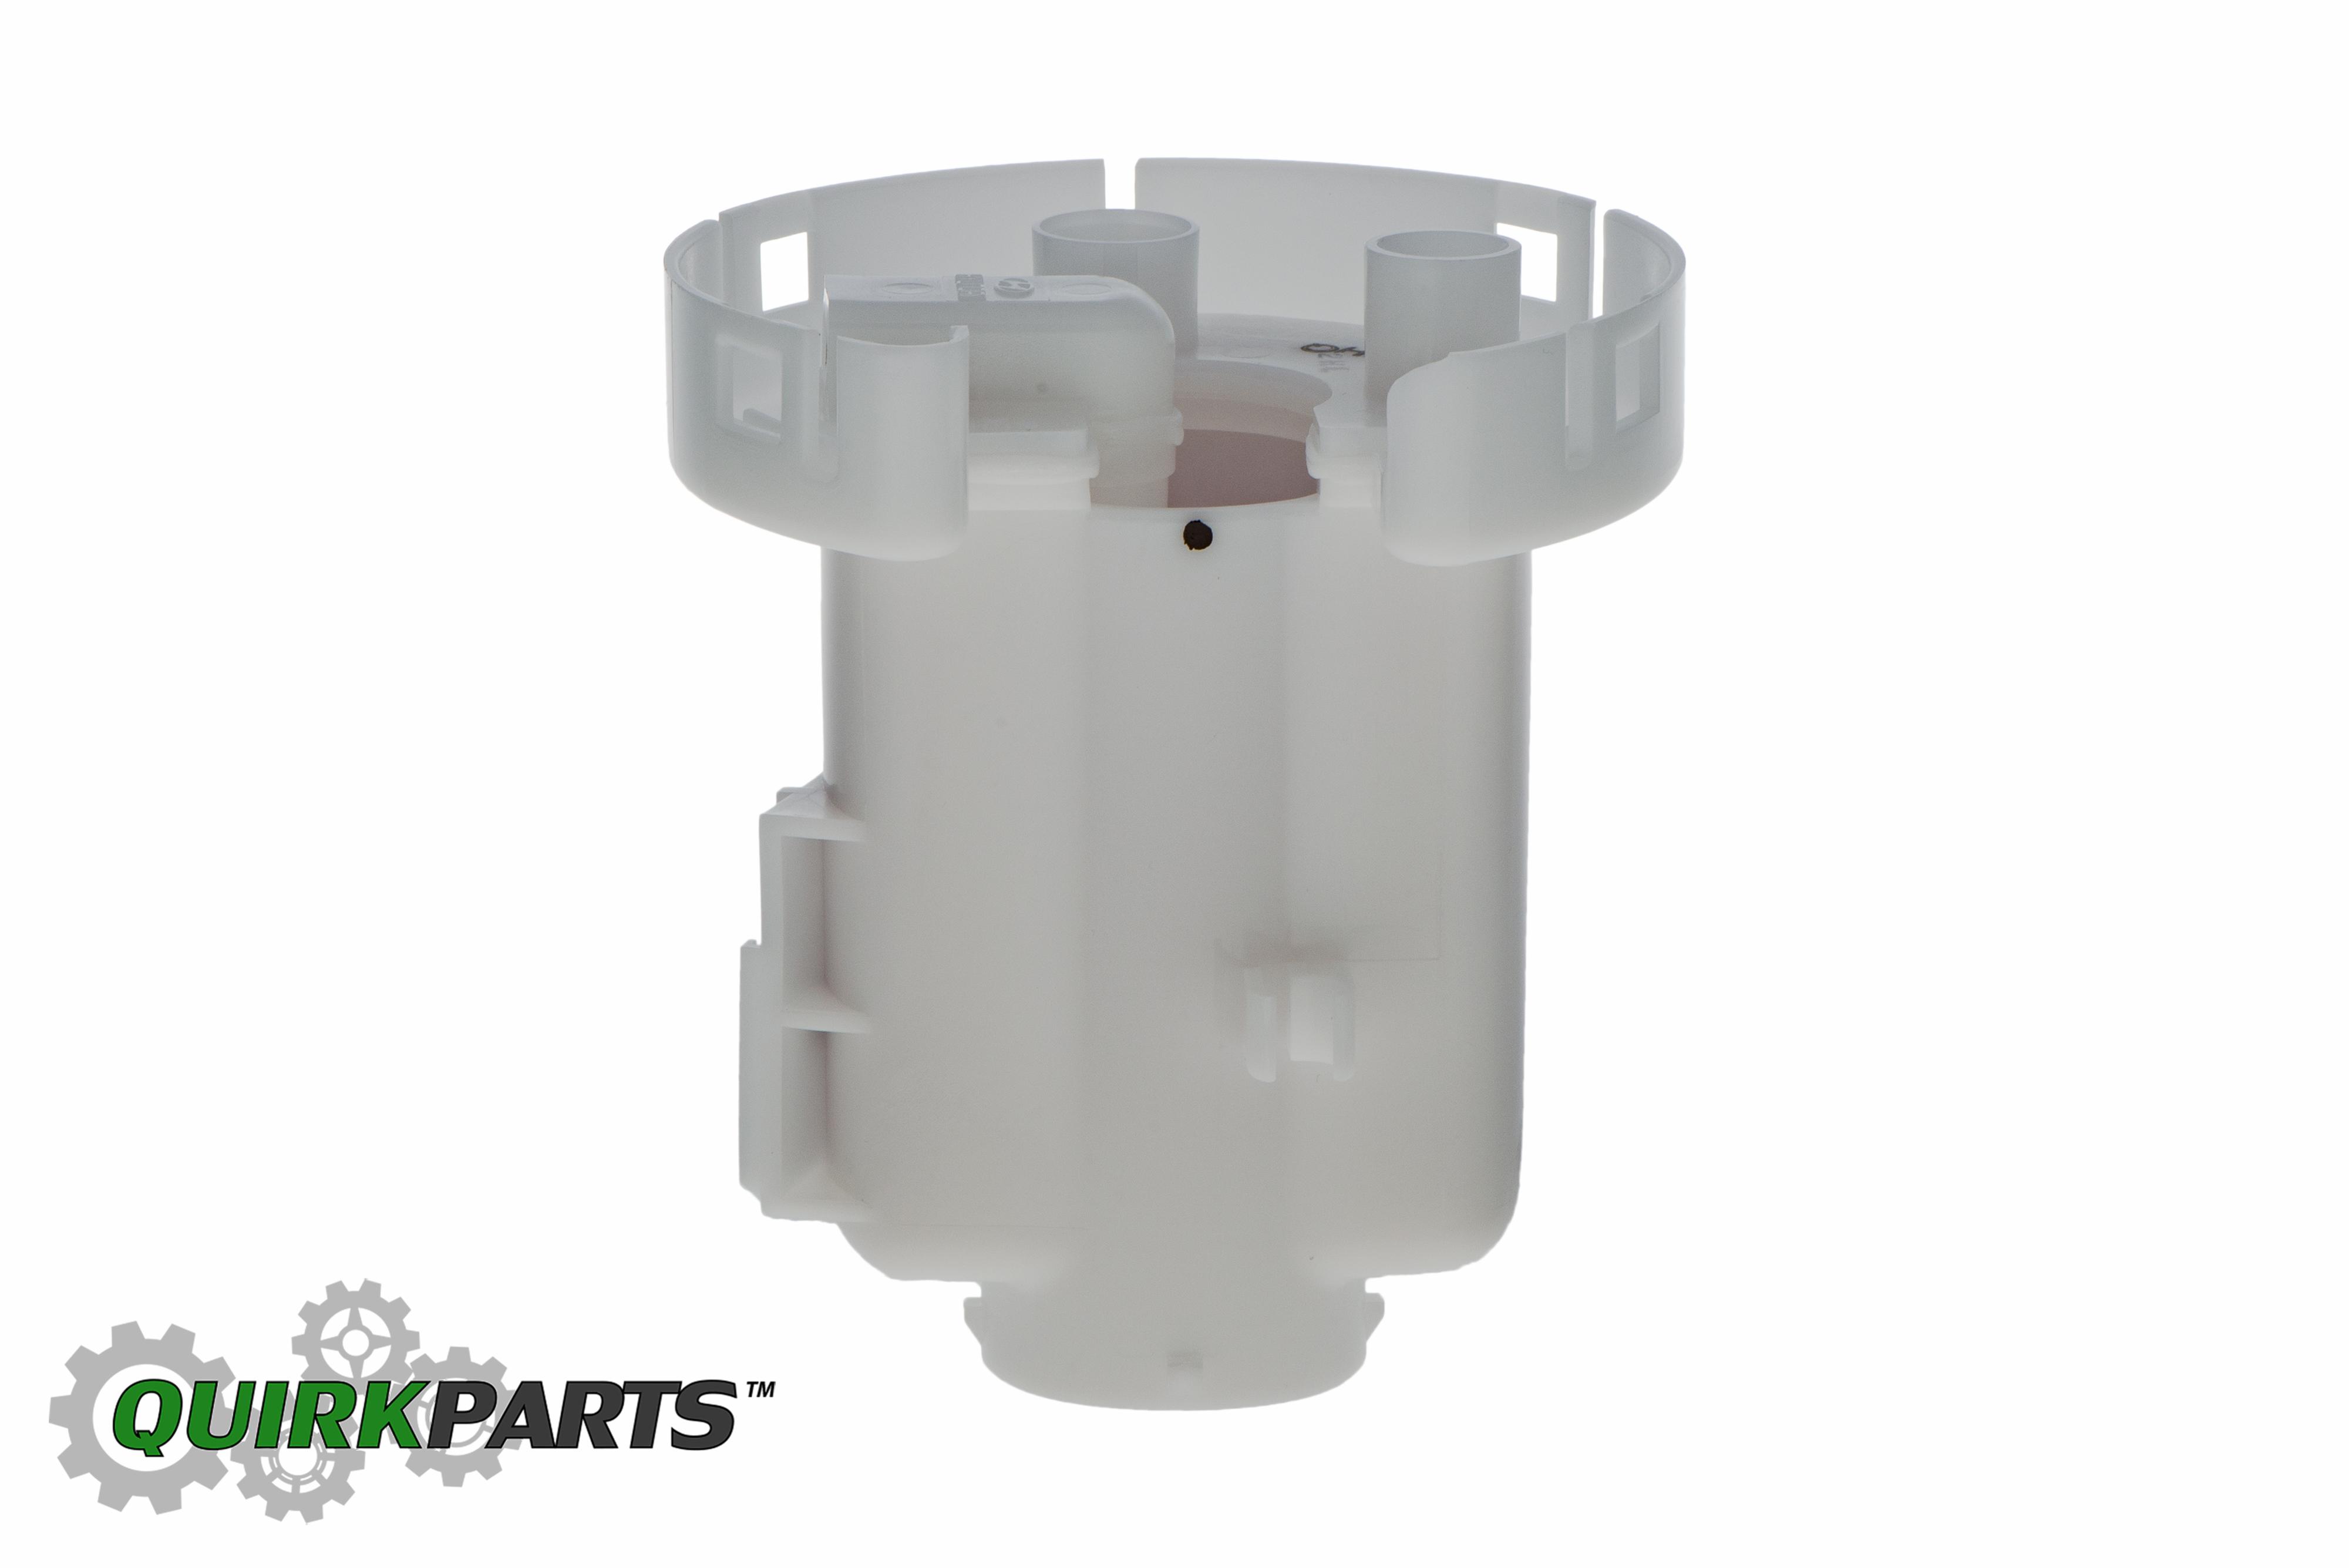 oem new fuel gas pump filter 2006-2011 kia rio rio5 31112 ... 2007 kia rio fuel filter 2007 kia rio engine diagram crankshaft sensor